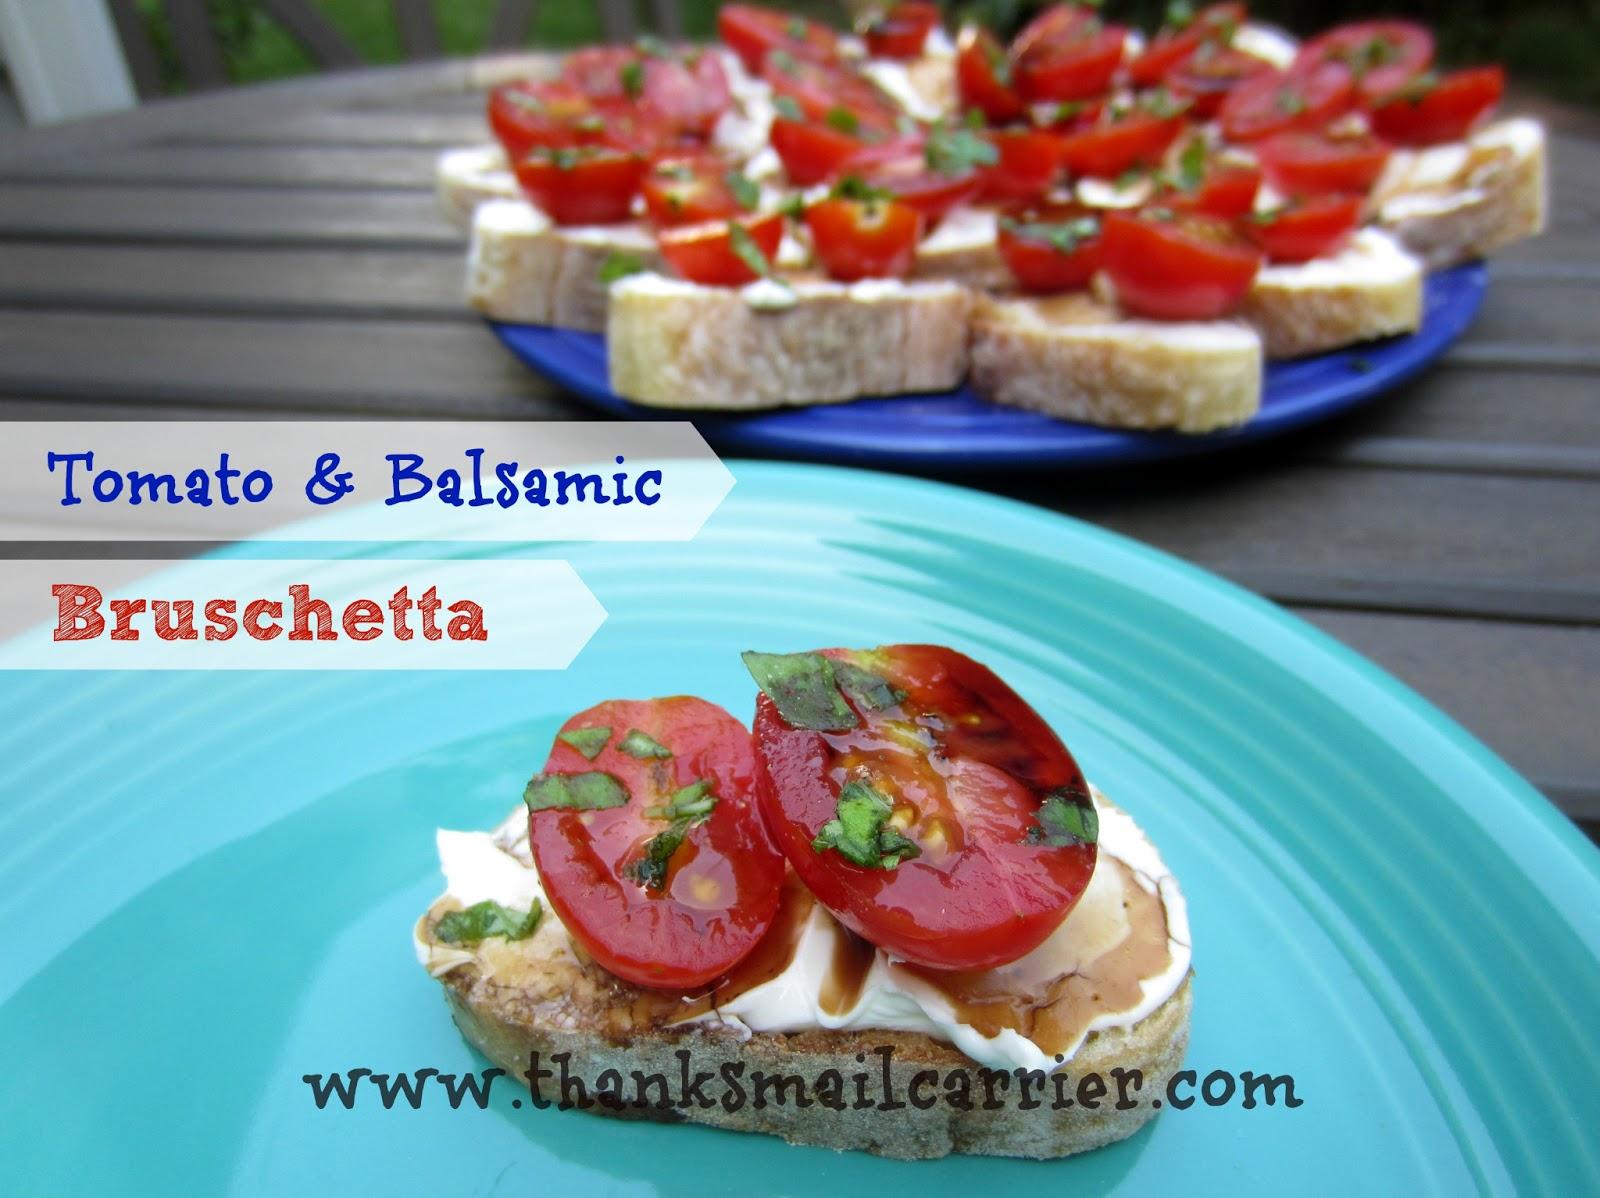 Tomato and Balsamic Bruschetta